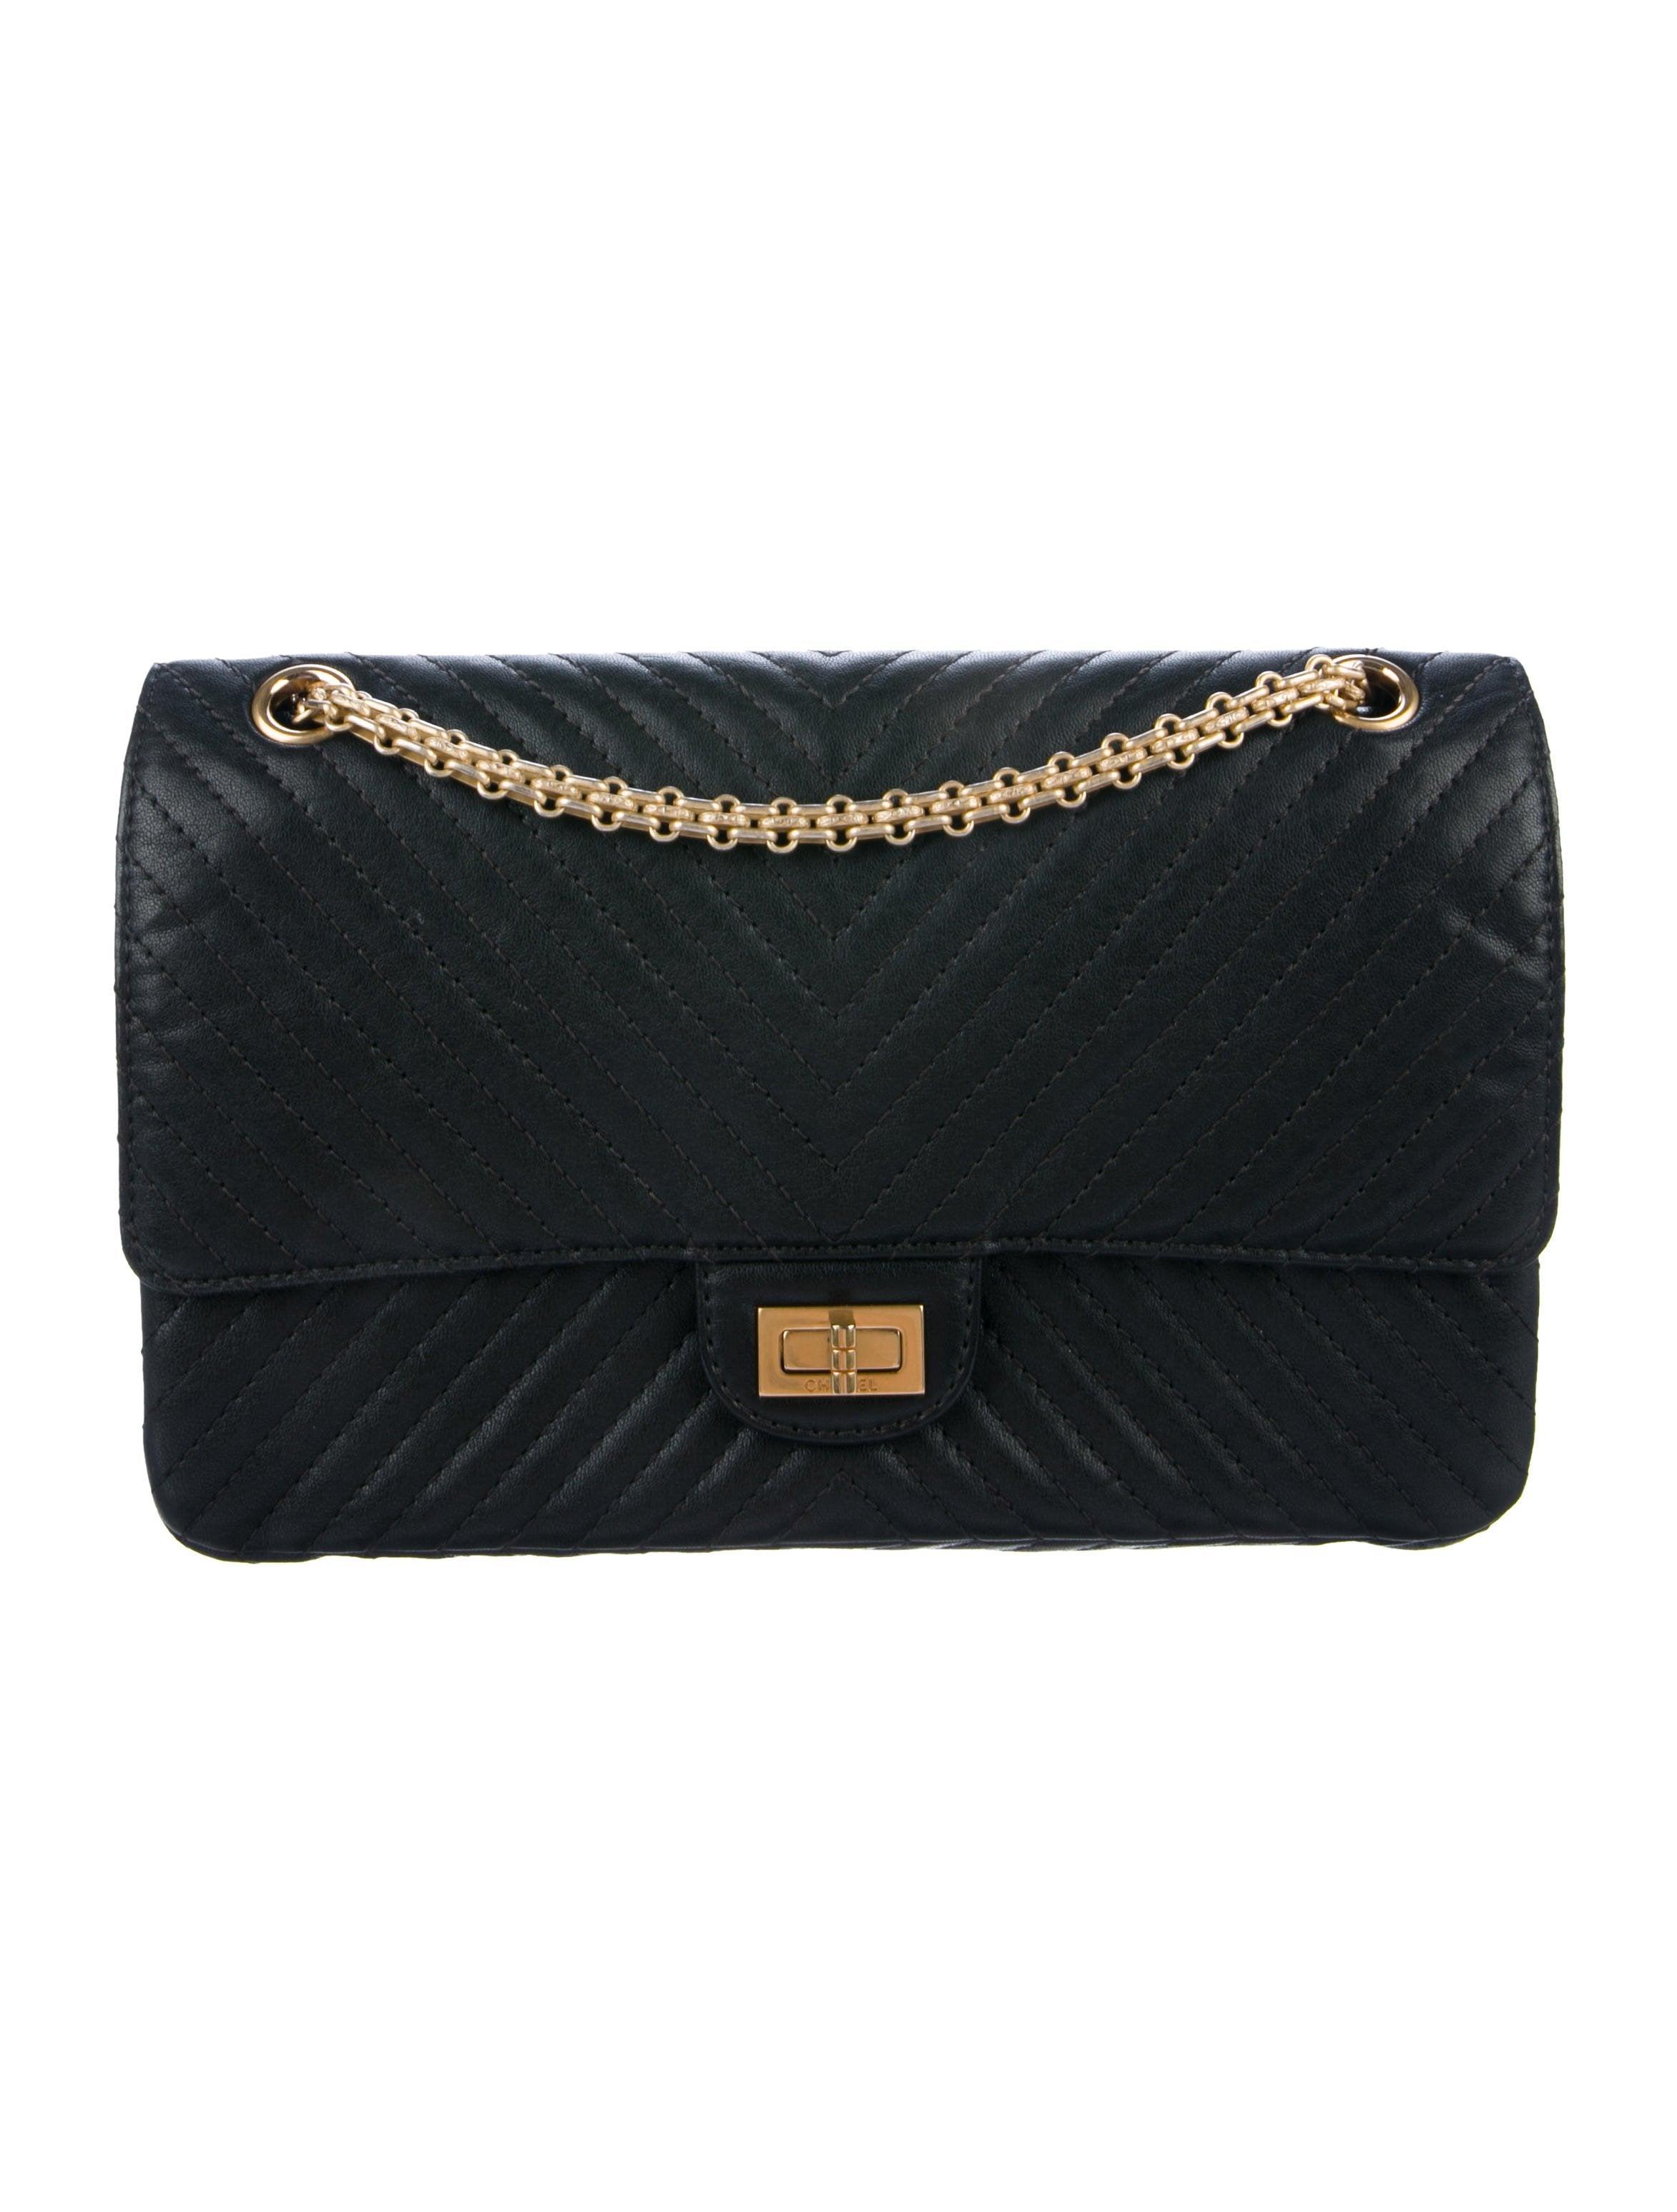 970c7d474e13 Shoulder Bags | The RealReal